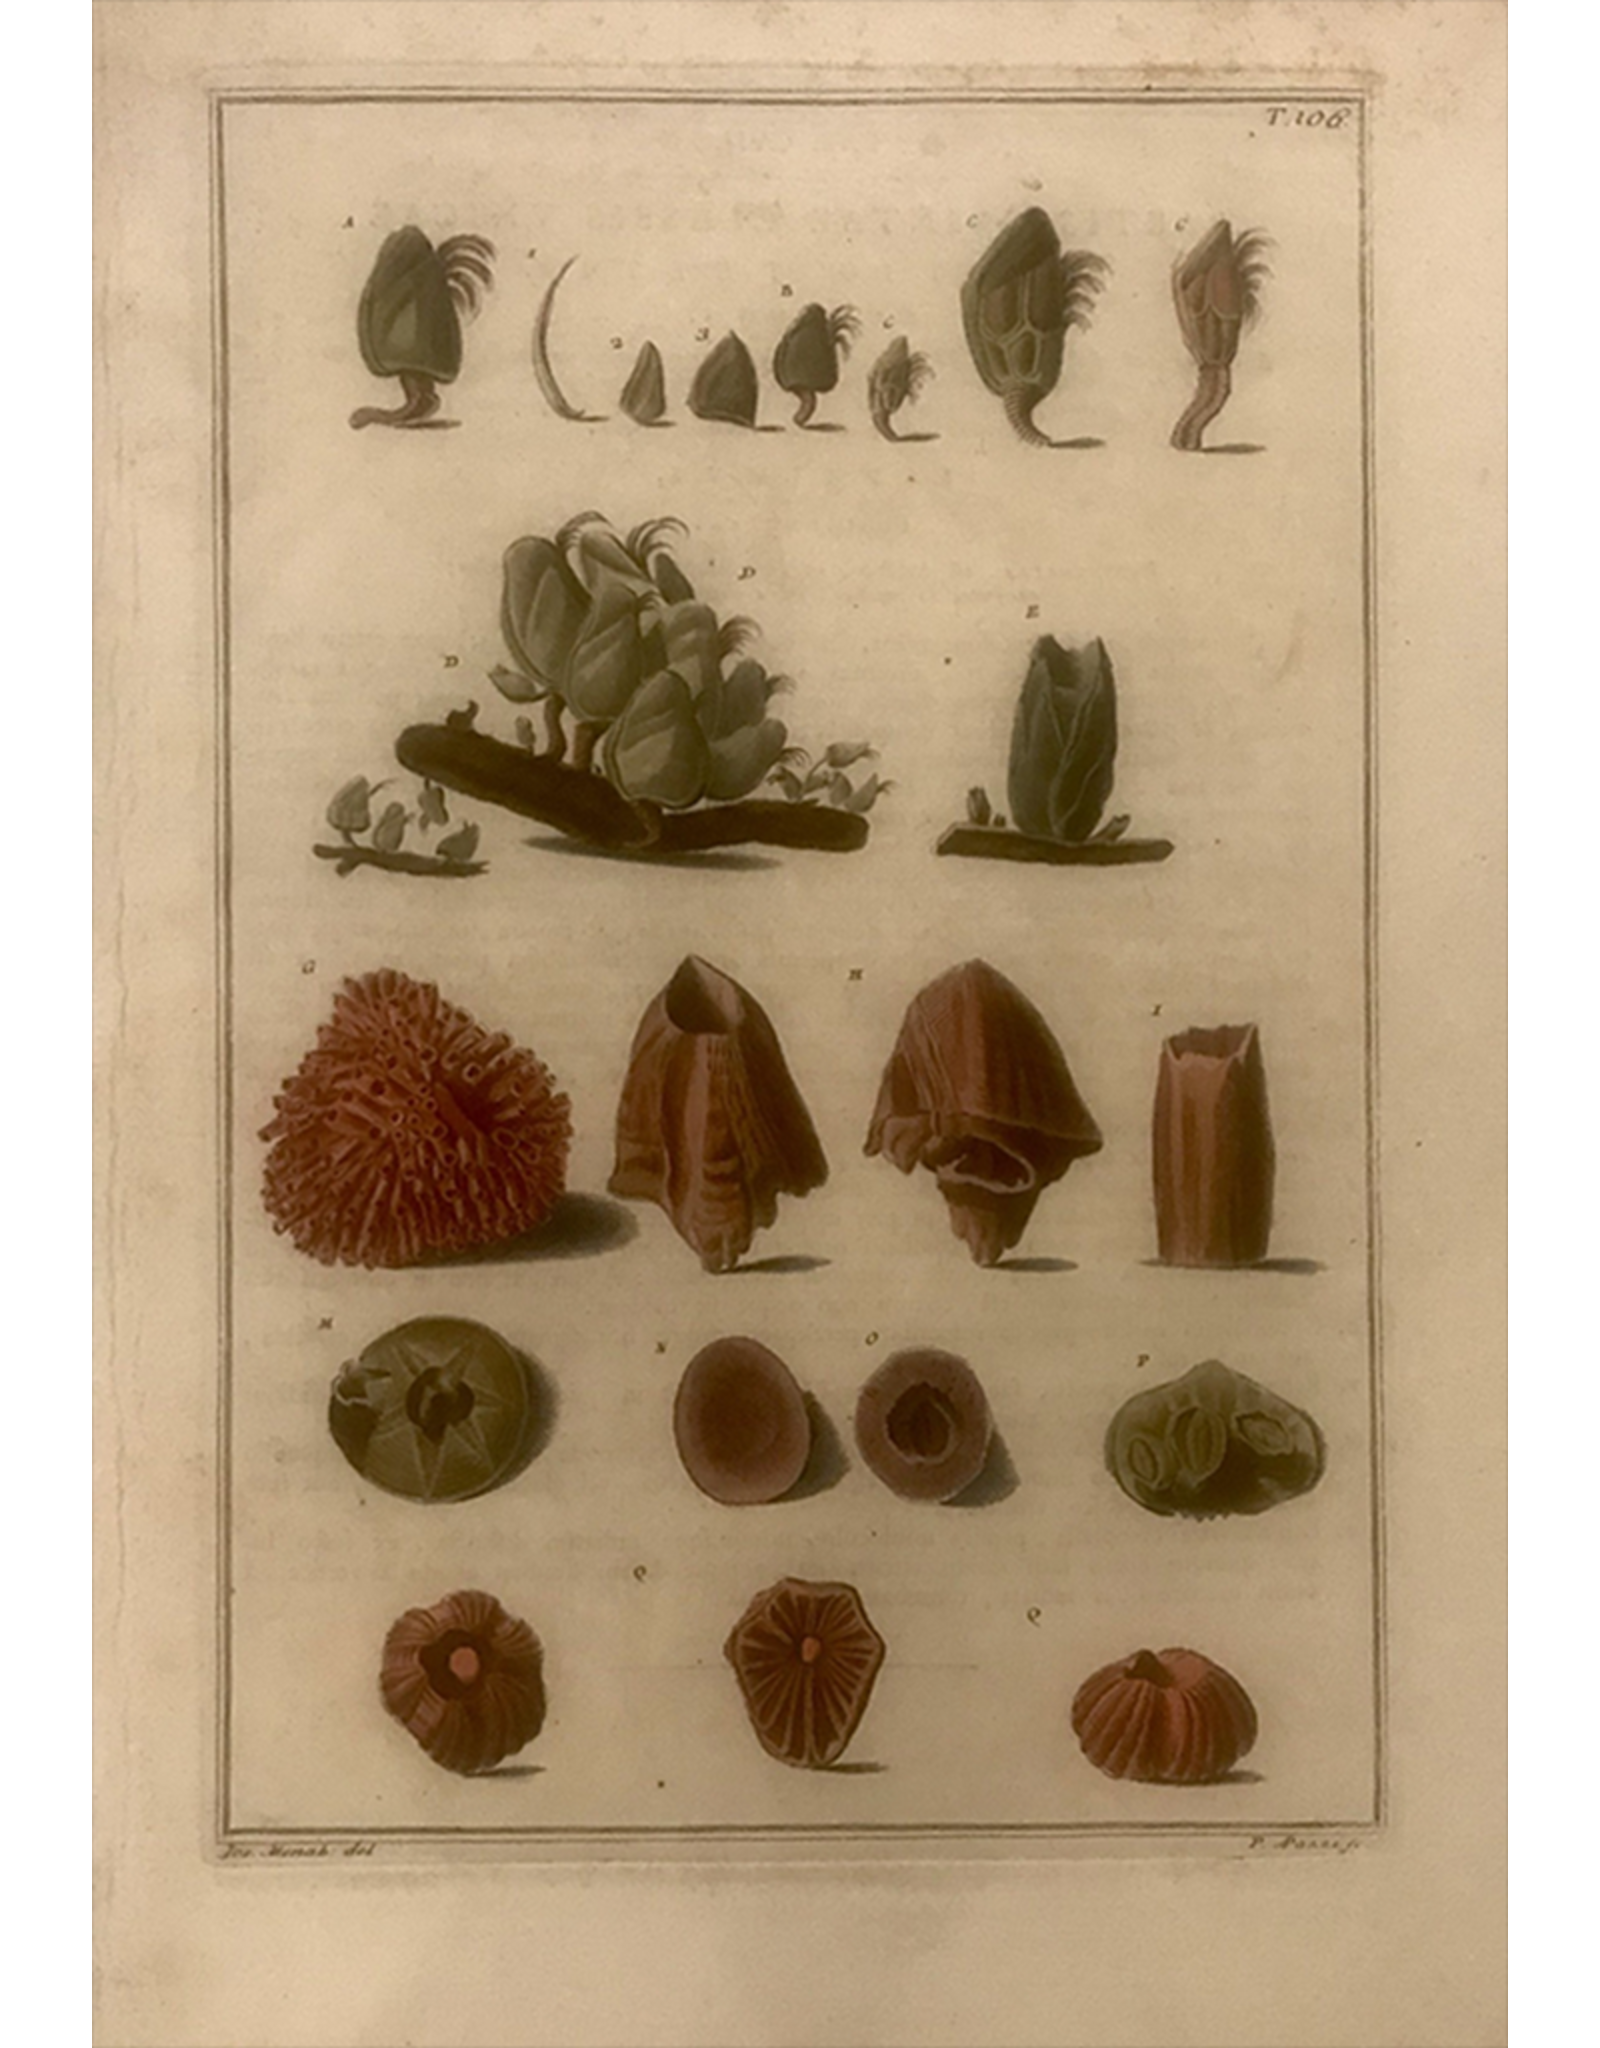 SPV Original Lithograph of Sea life in color